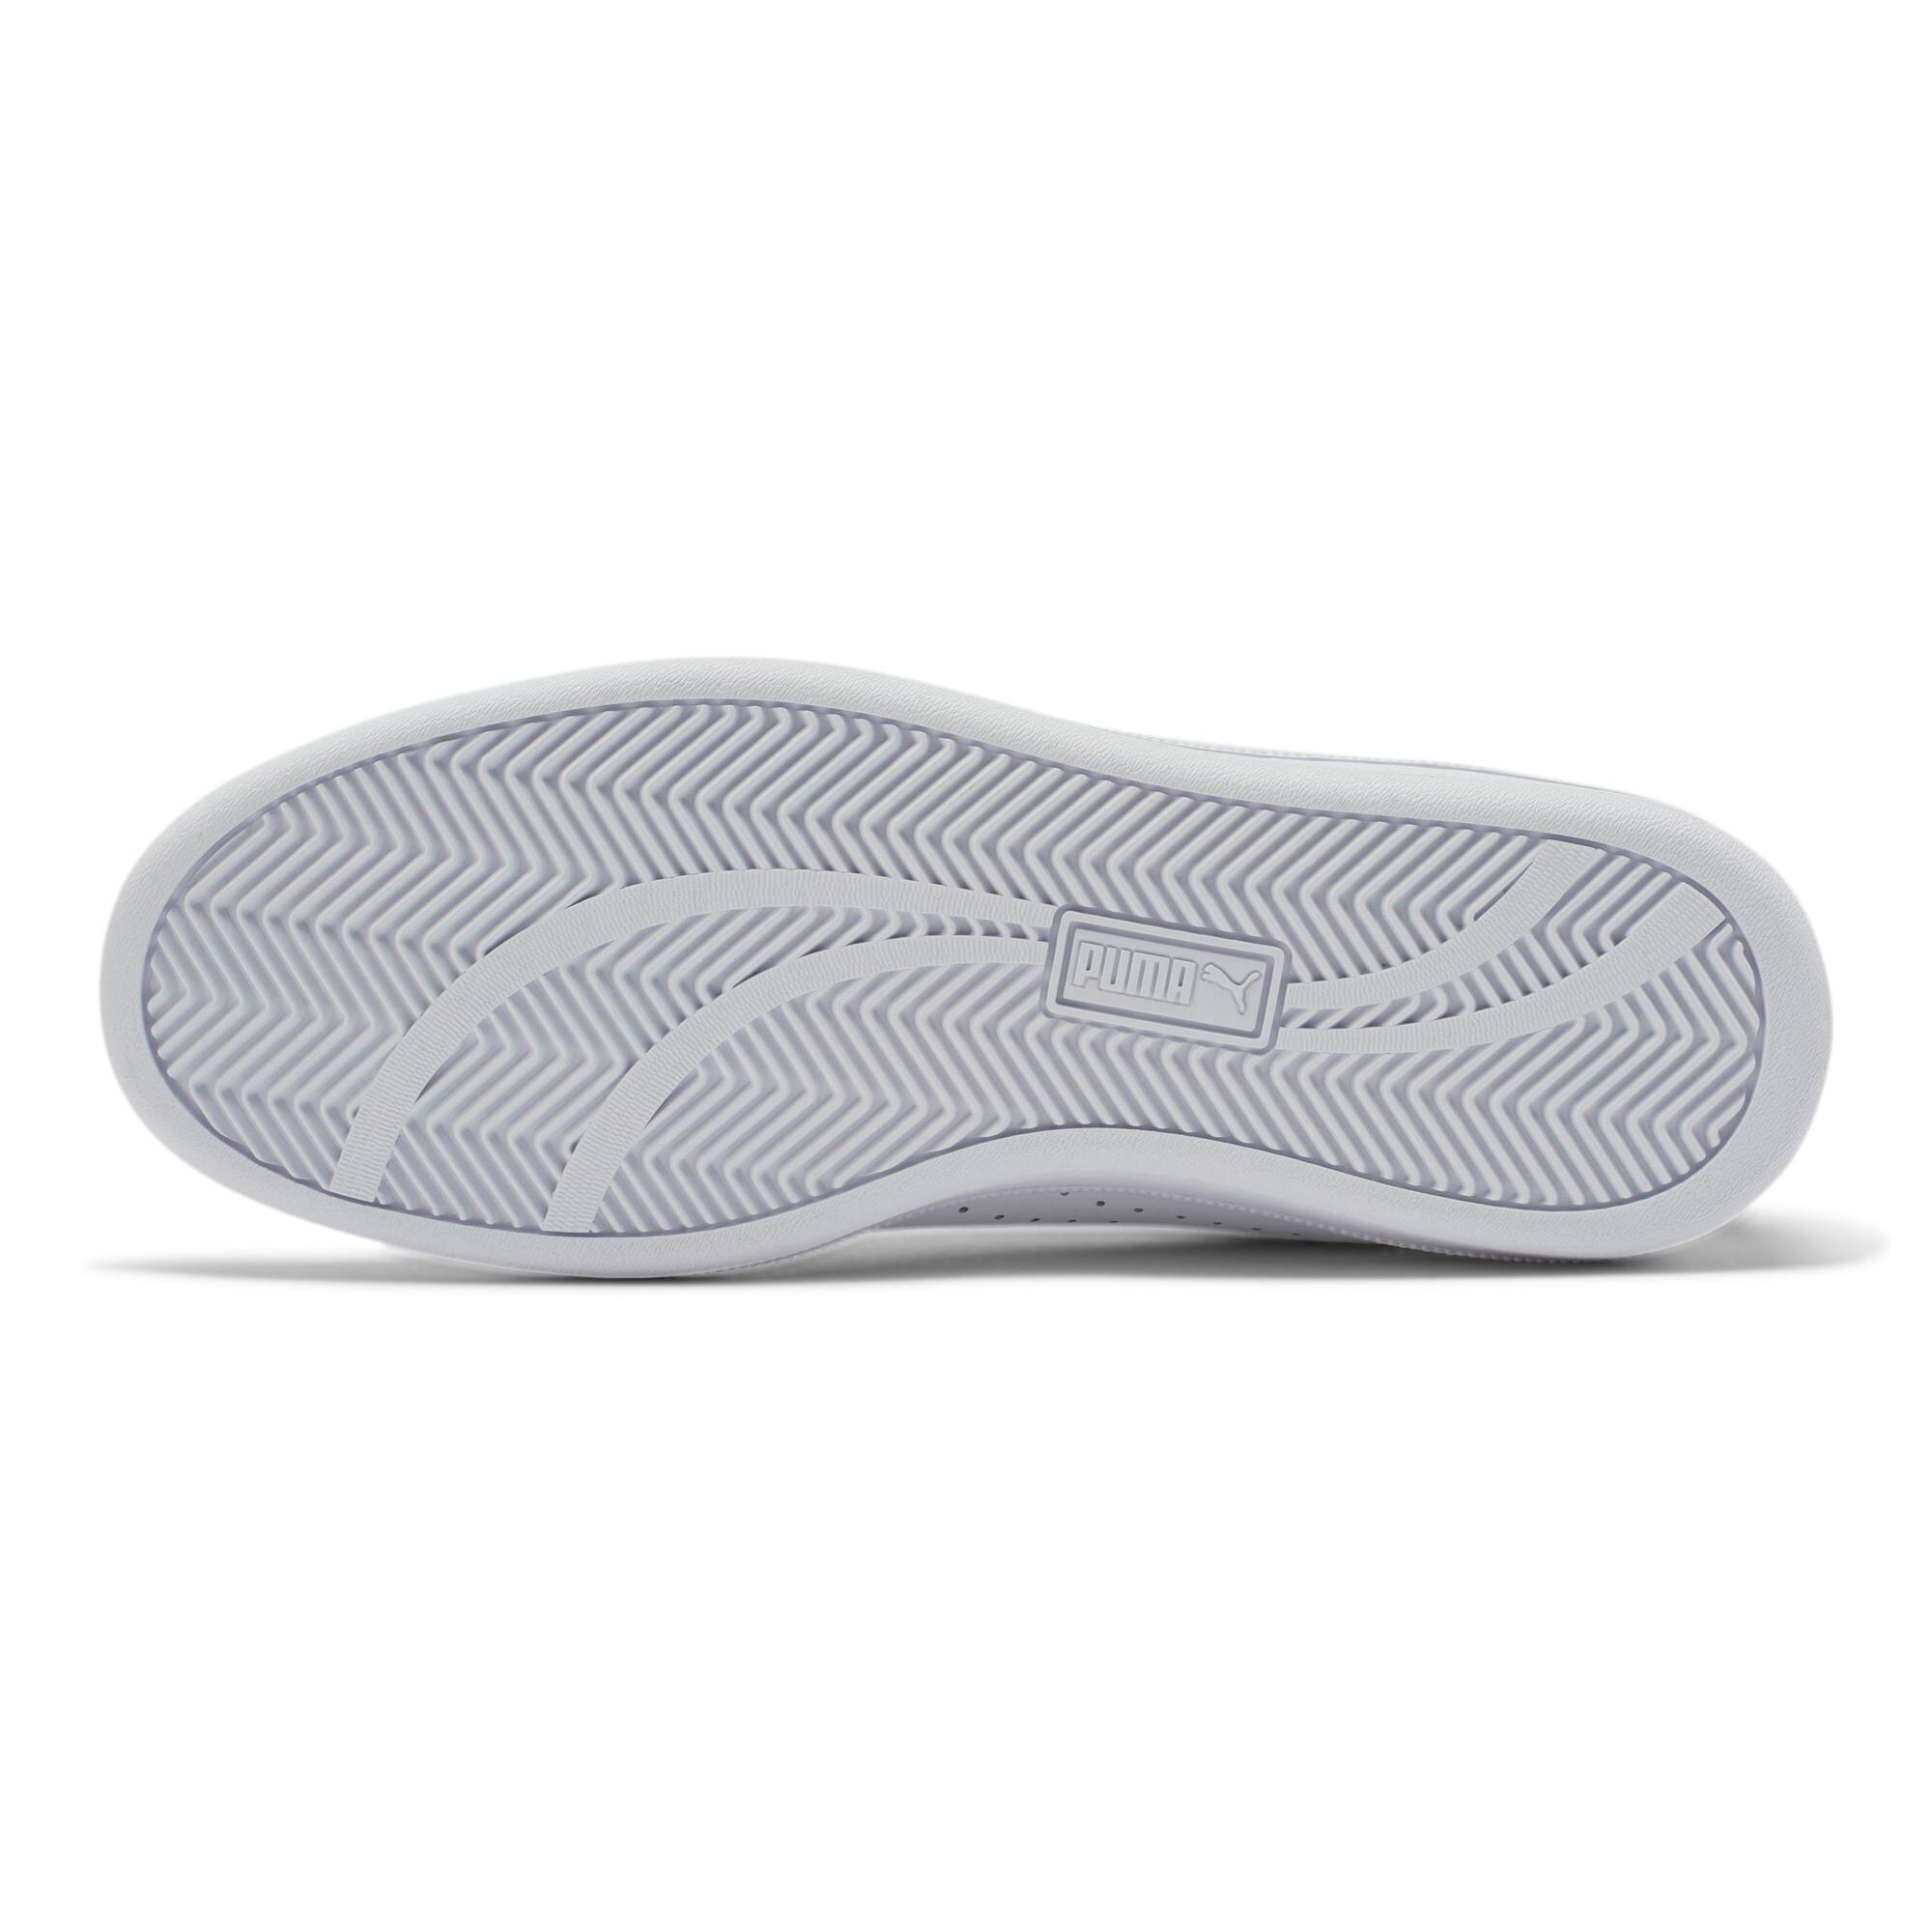 PUMA-PUMA-Smash-Perf-Men-039-s-Sneakers-Men-Shoe-Basics thumbnail 15